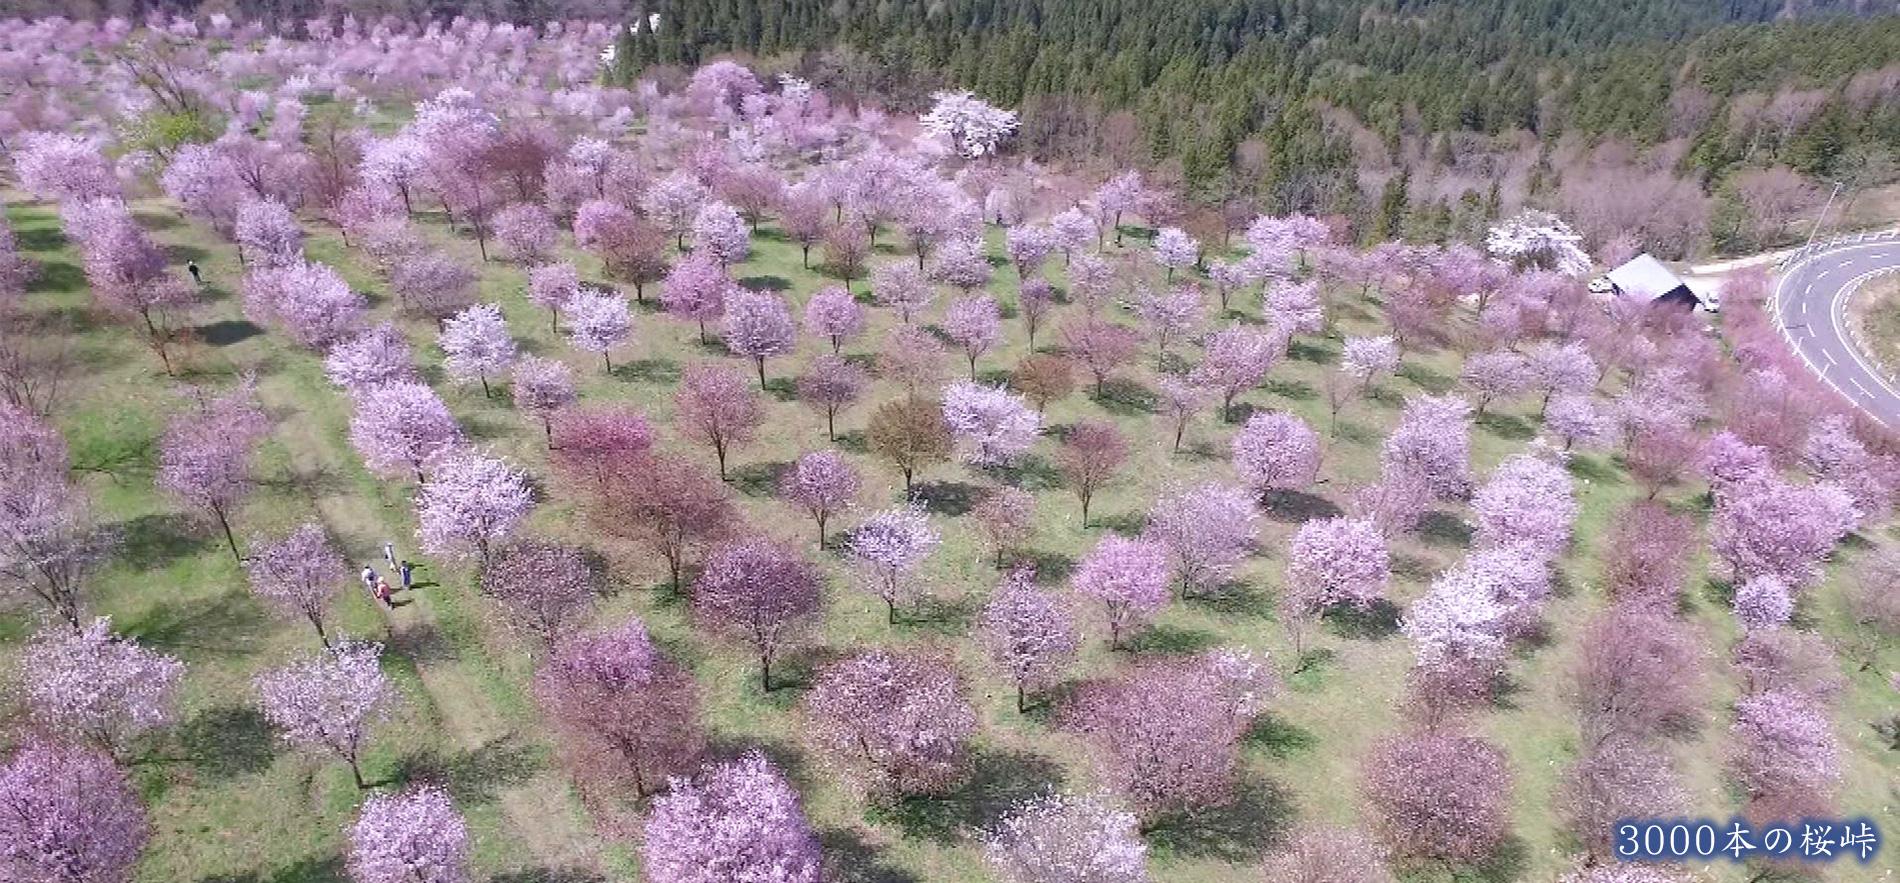 3000本の桜峠